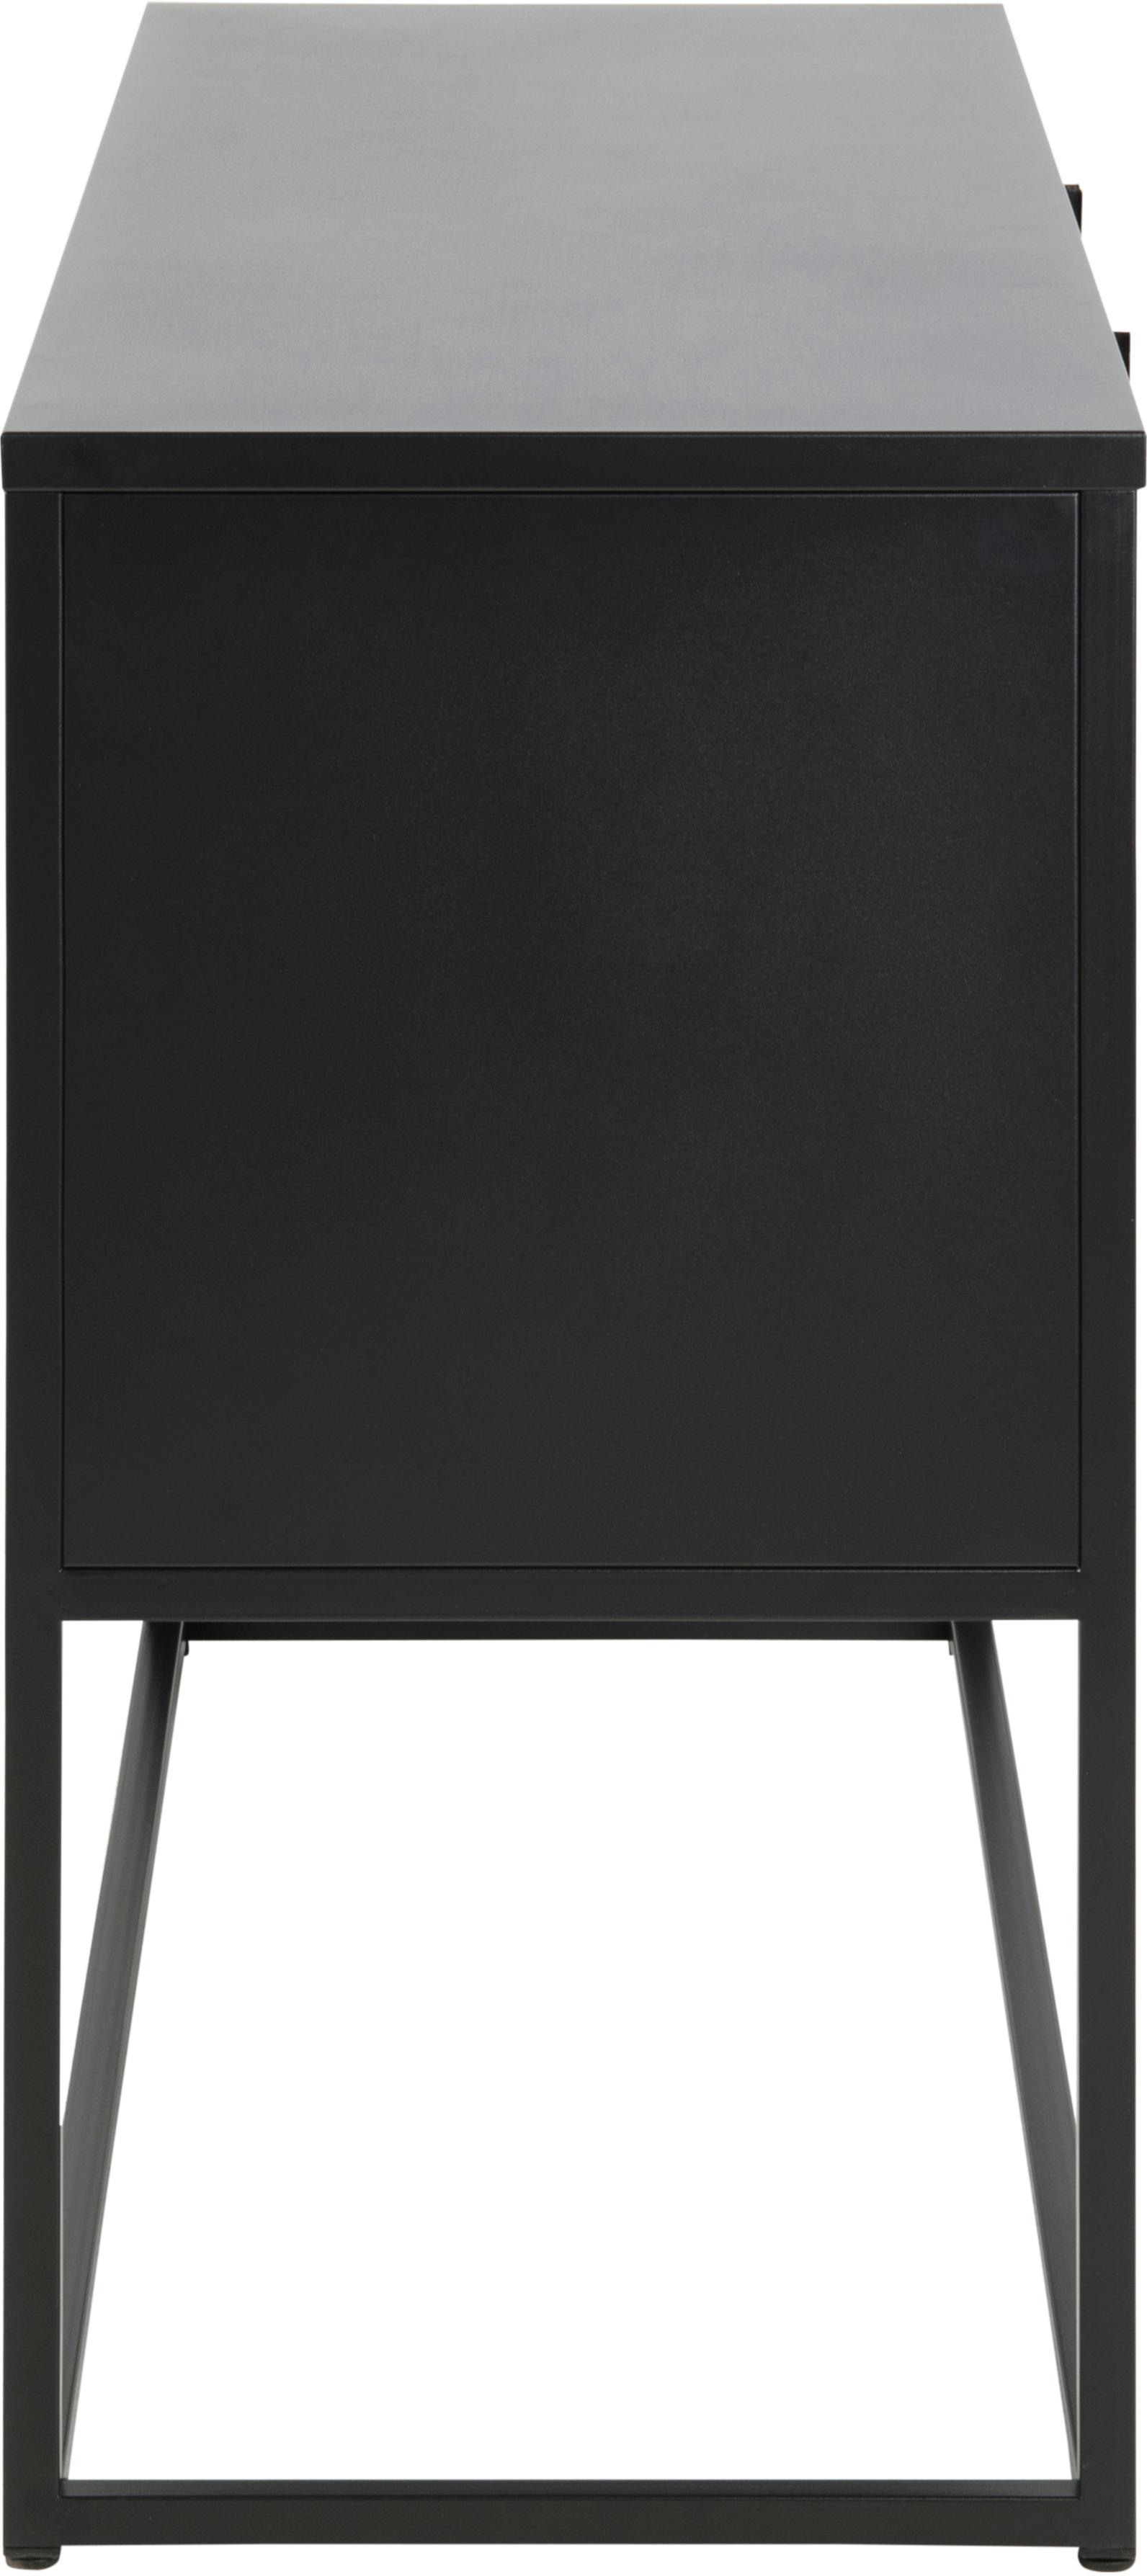 Credenza in metallo nero Newton, Metallo verniciato a polvere, Nero, Larg. 120 x Alt. 80 cm